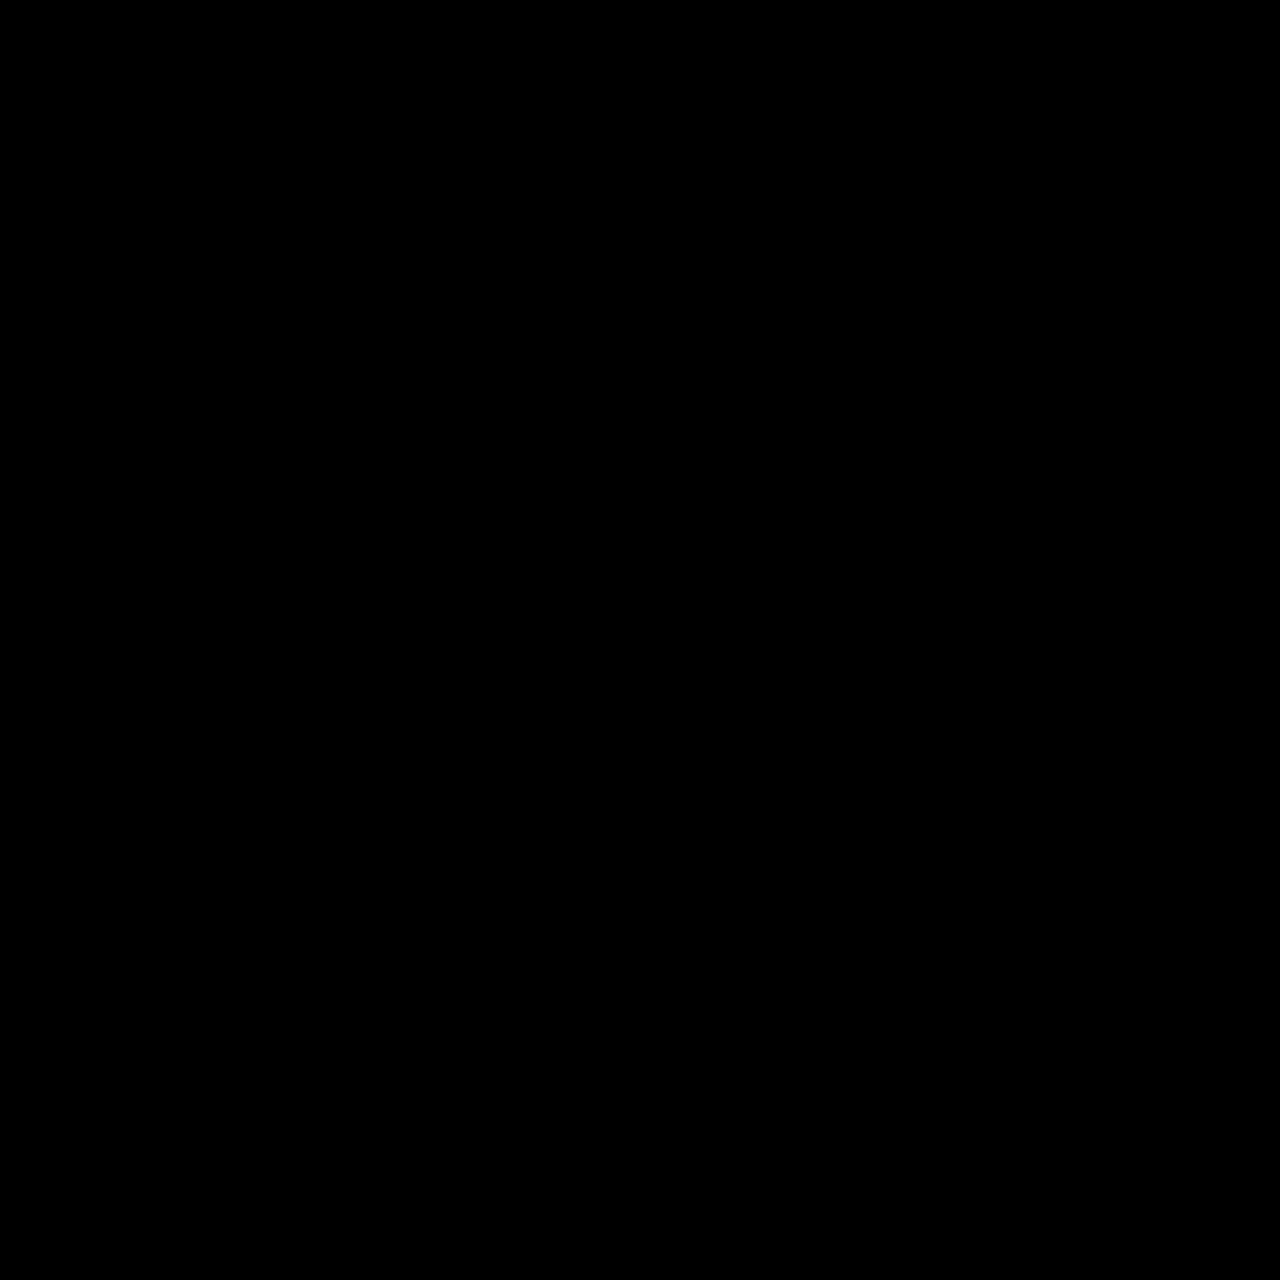 Знак планета для статуса